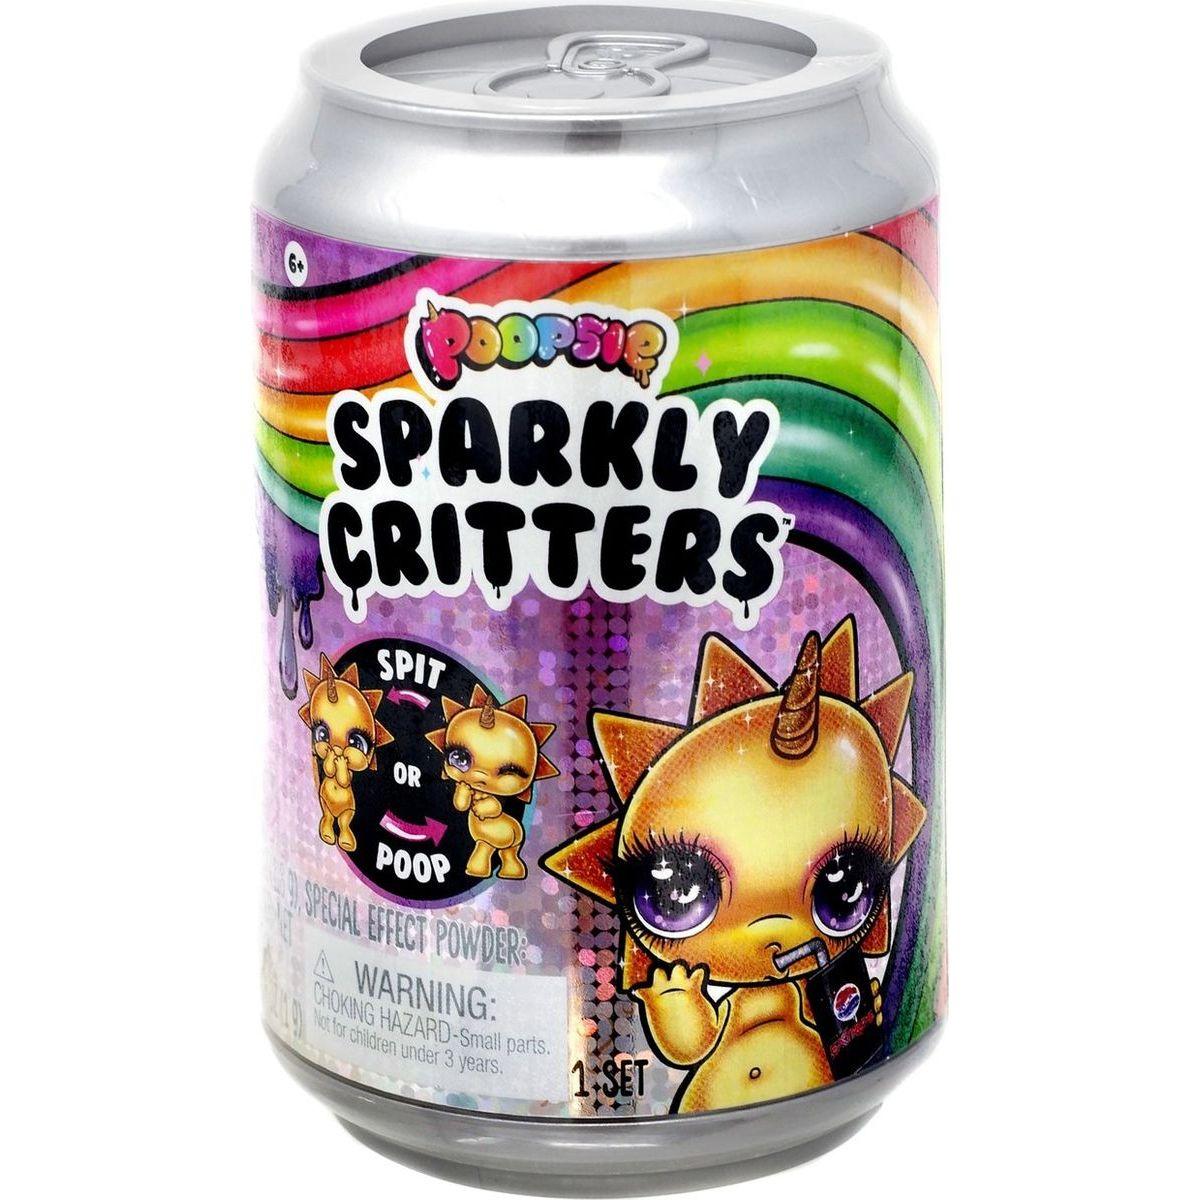 Poopsie Sparkly Critters Třpytivé potvůrky